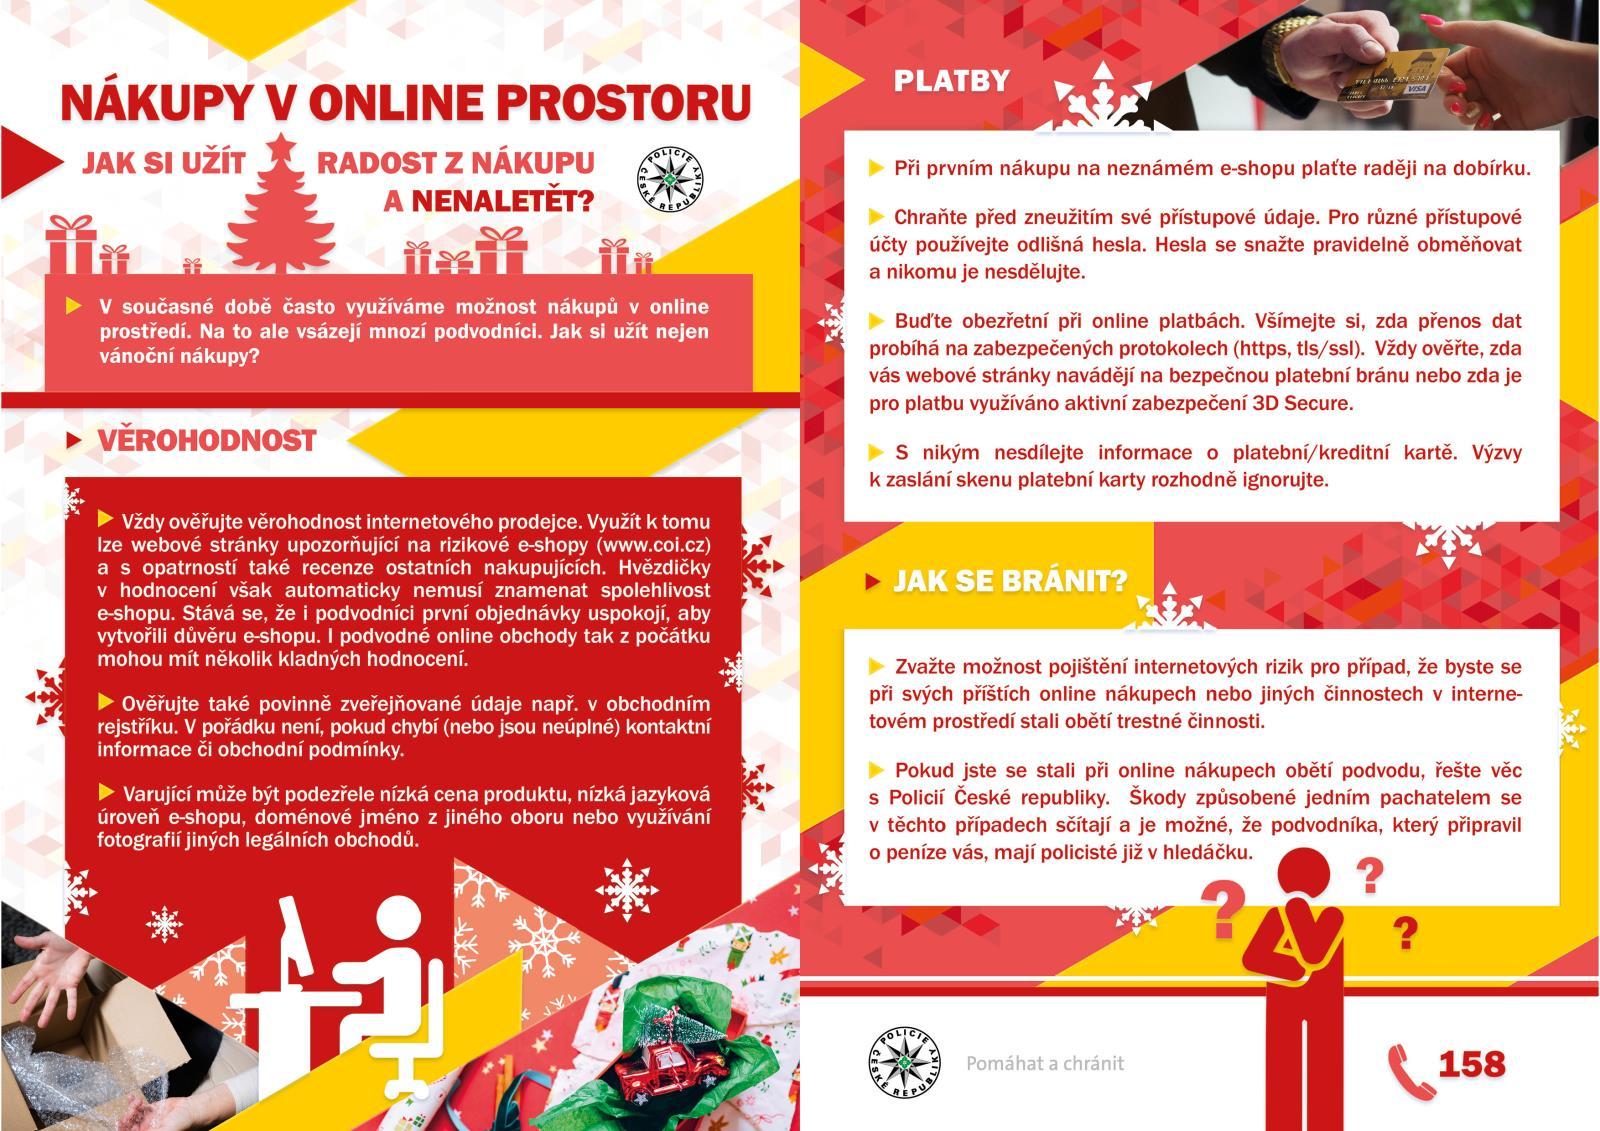 Letak_Policie CR_A5_Adventni varovani_online nakupy_dvoustrana.jpg